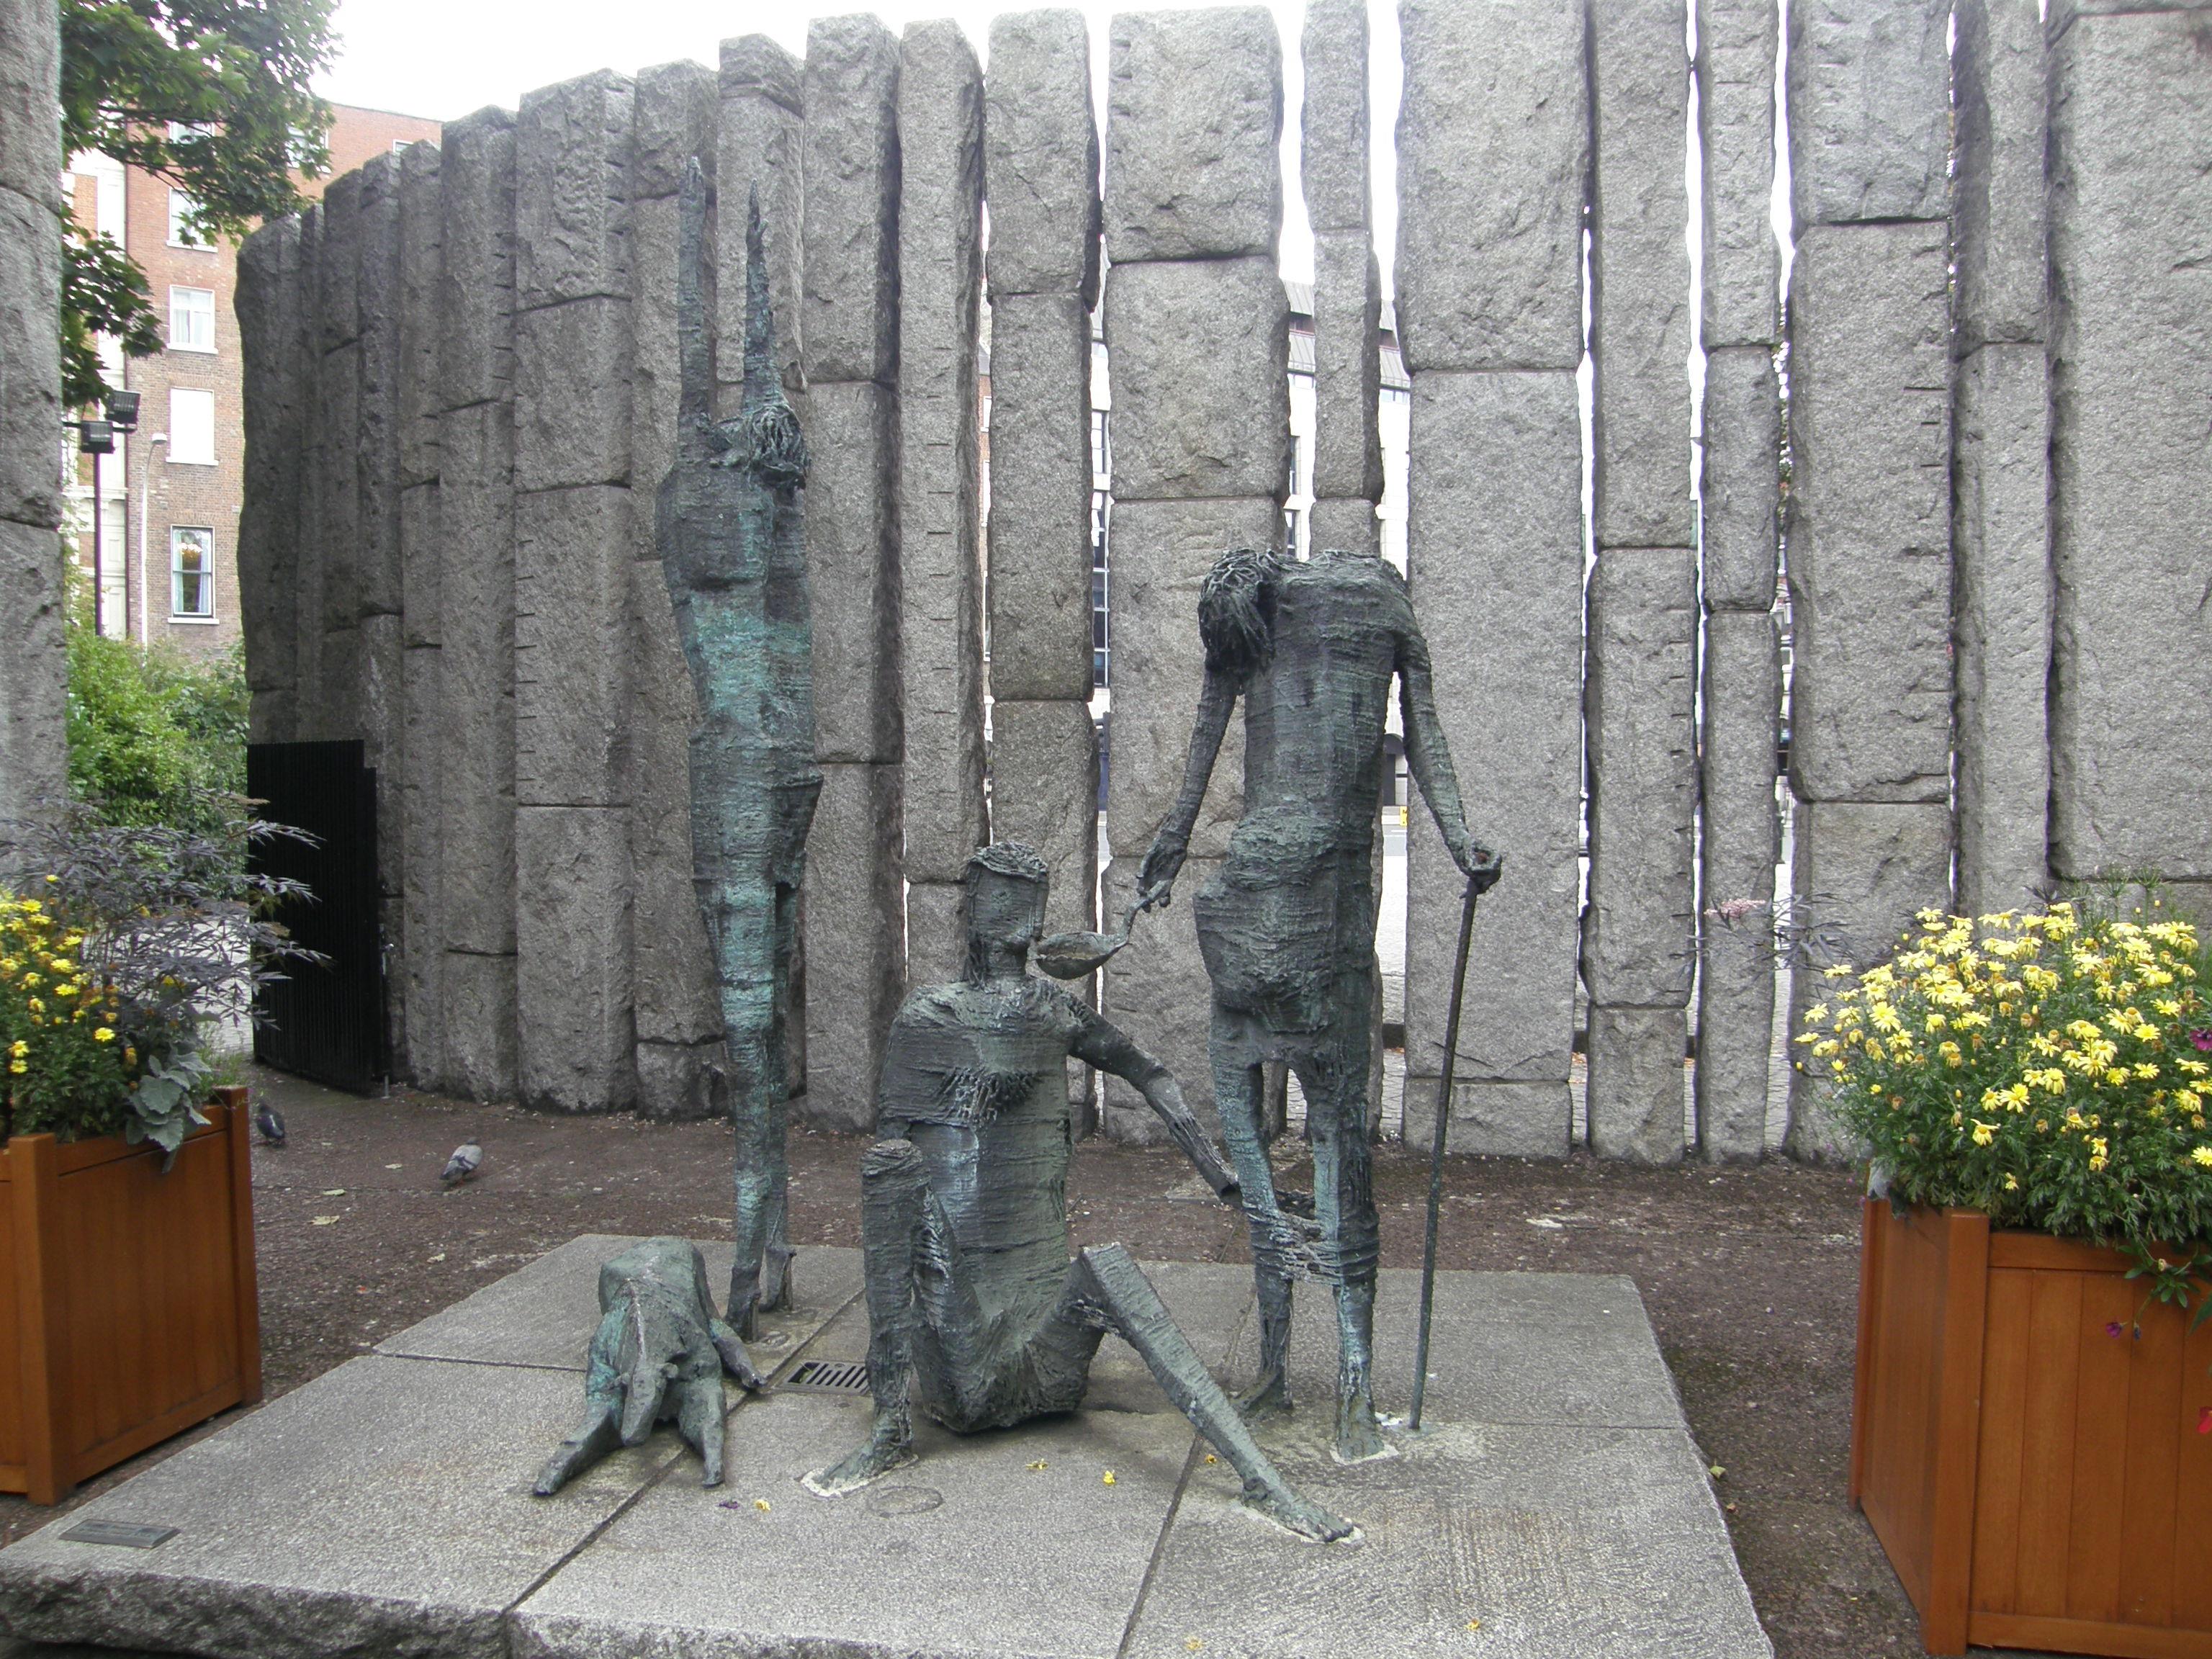 National Famine Memorial Monument in St. Stephen's Green